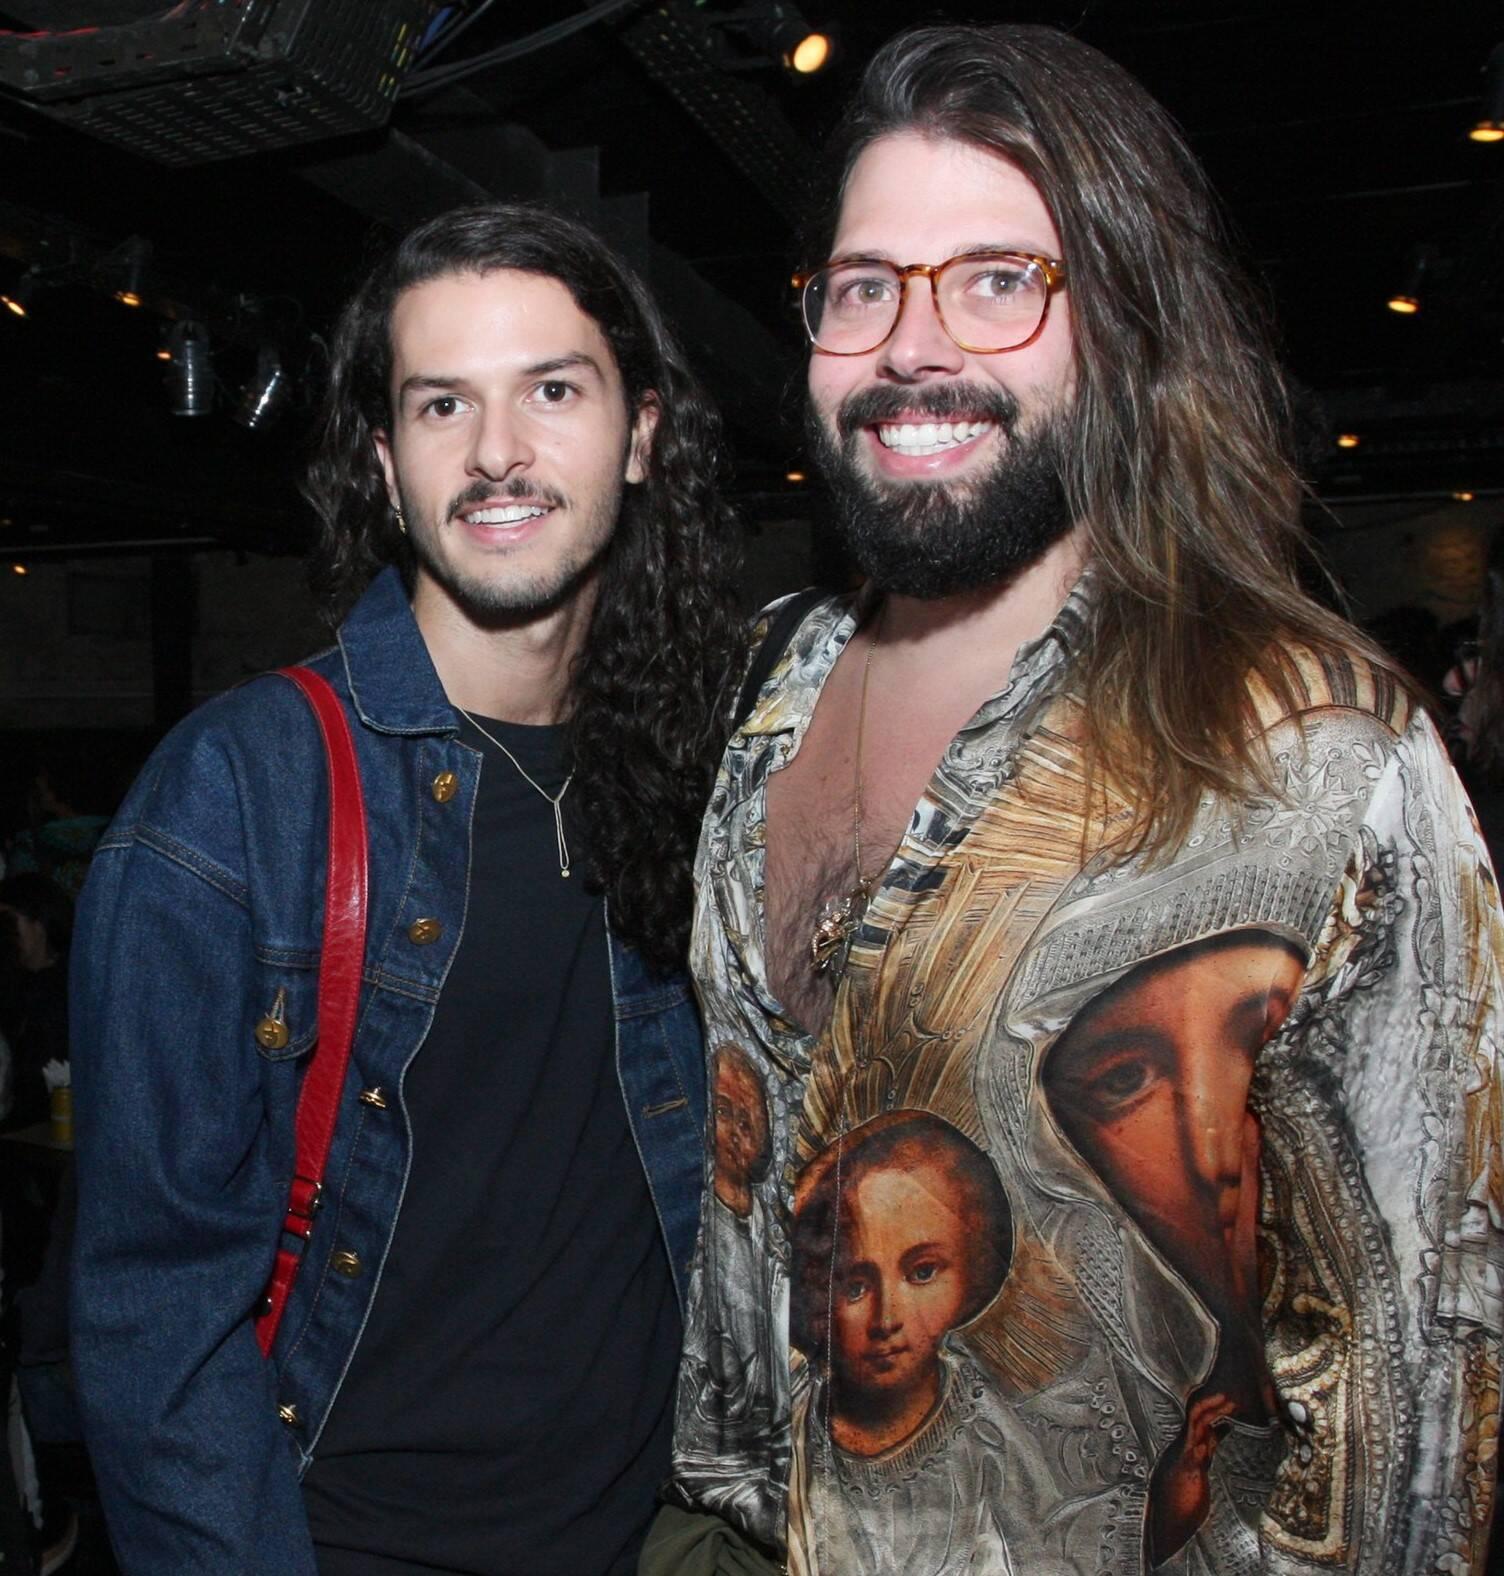 Patrick Doering e Thomaz Azulay /Foto: Vera Donato